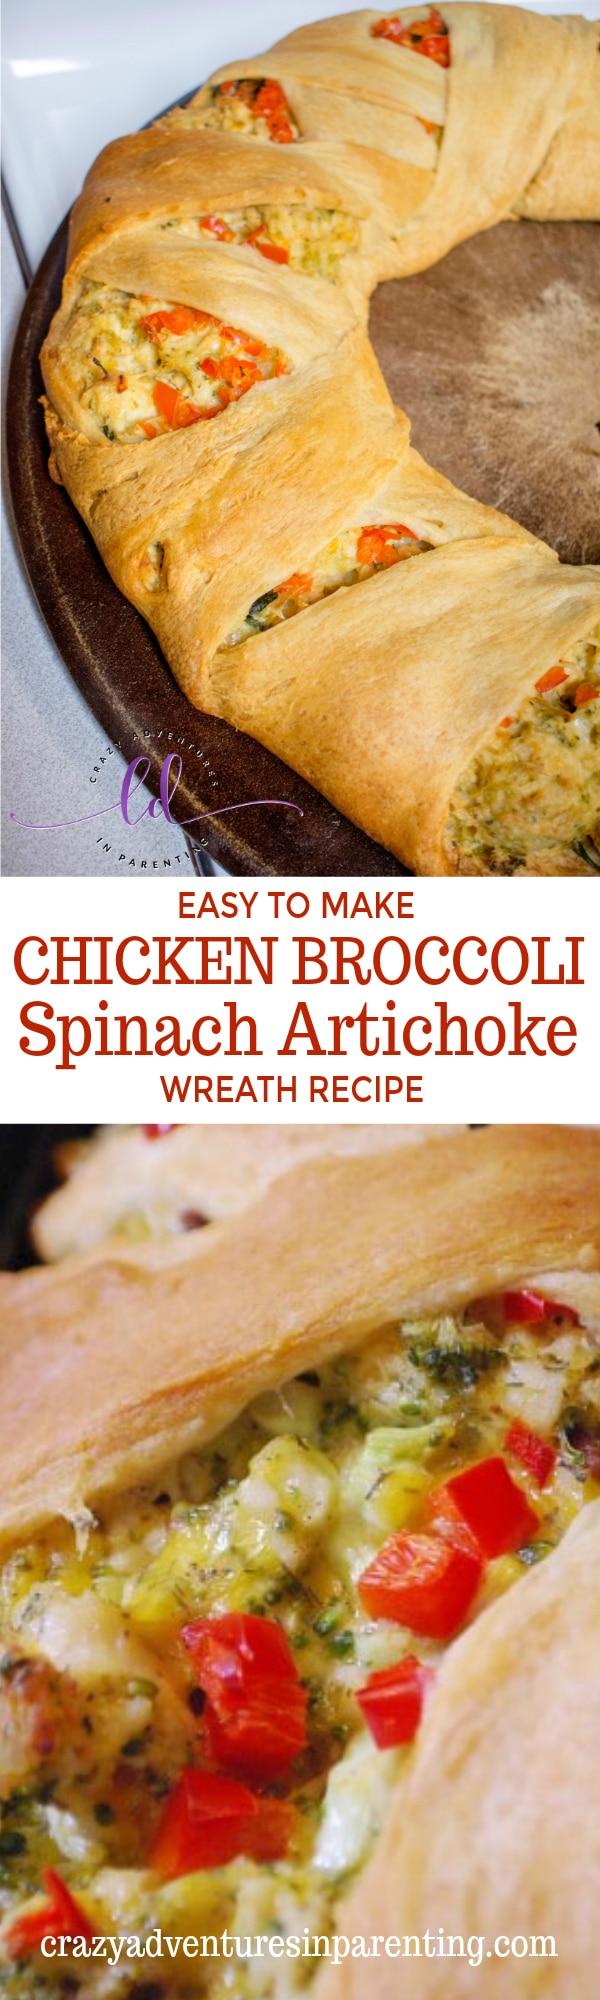 Easy Chicken Broccoli Spinach Artichoke Wreath Recipe